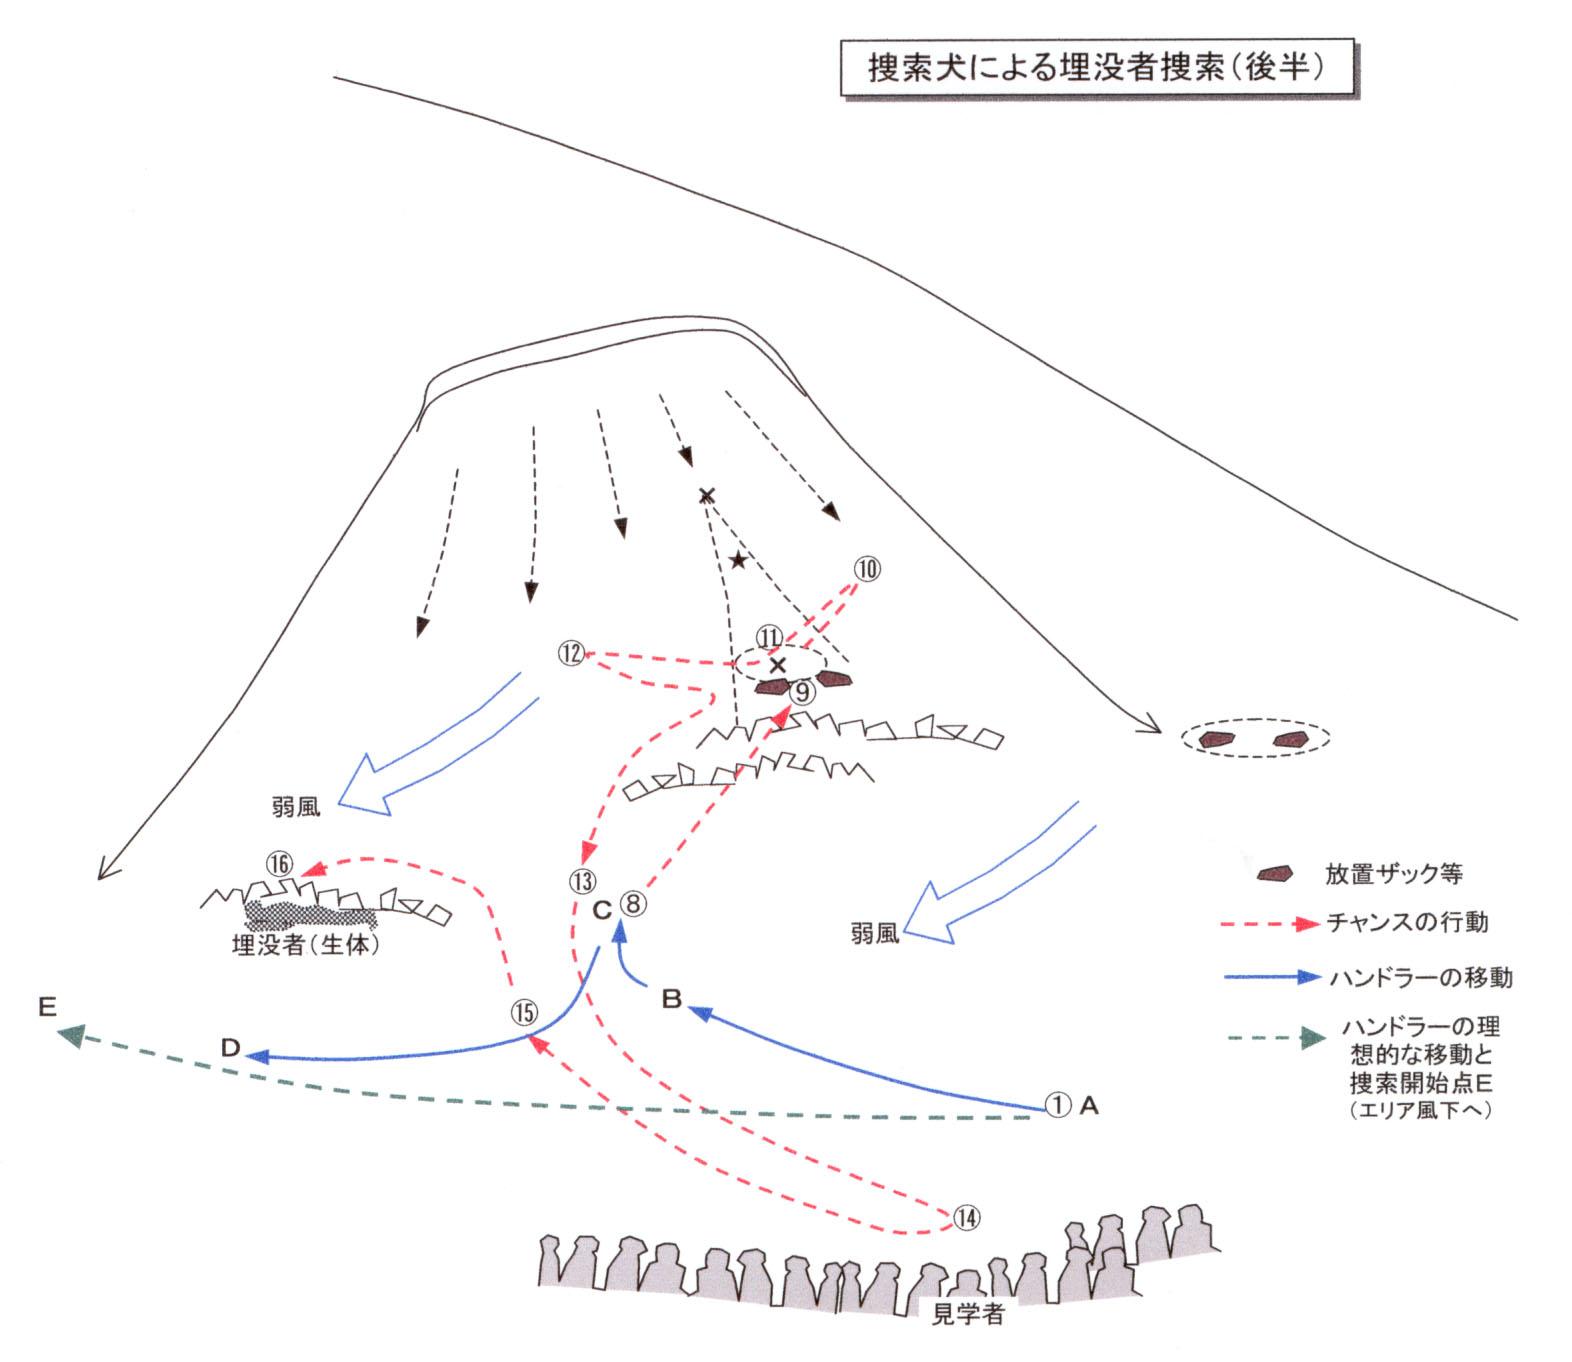 捜索犬デモ現場図(3)